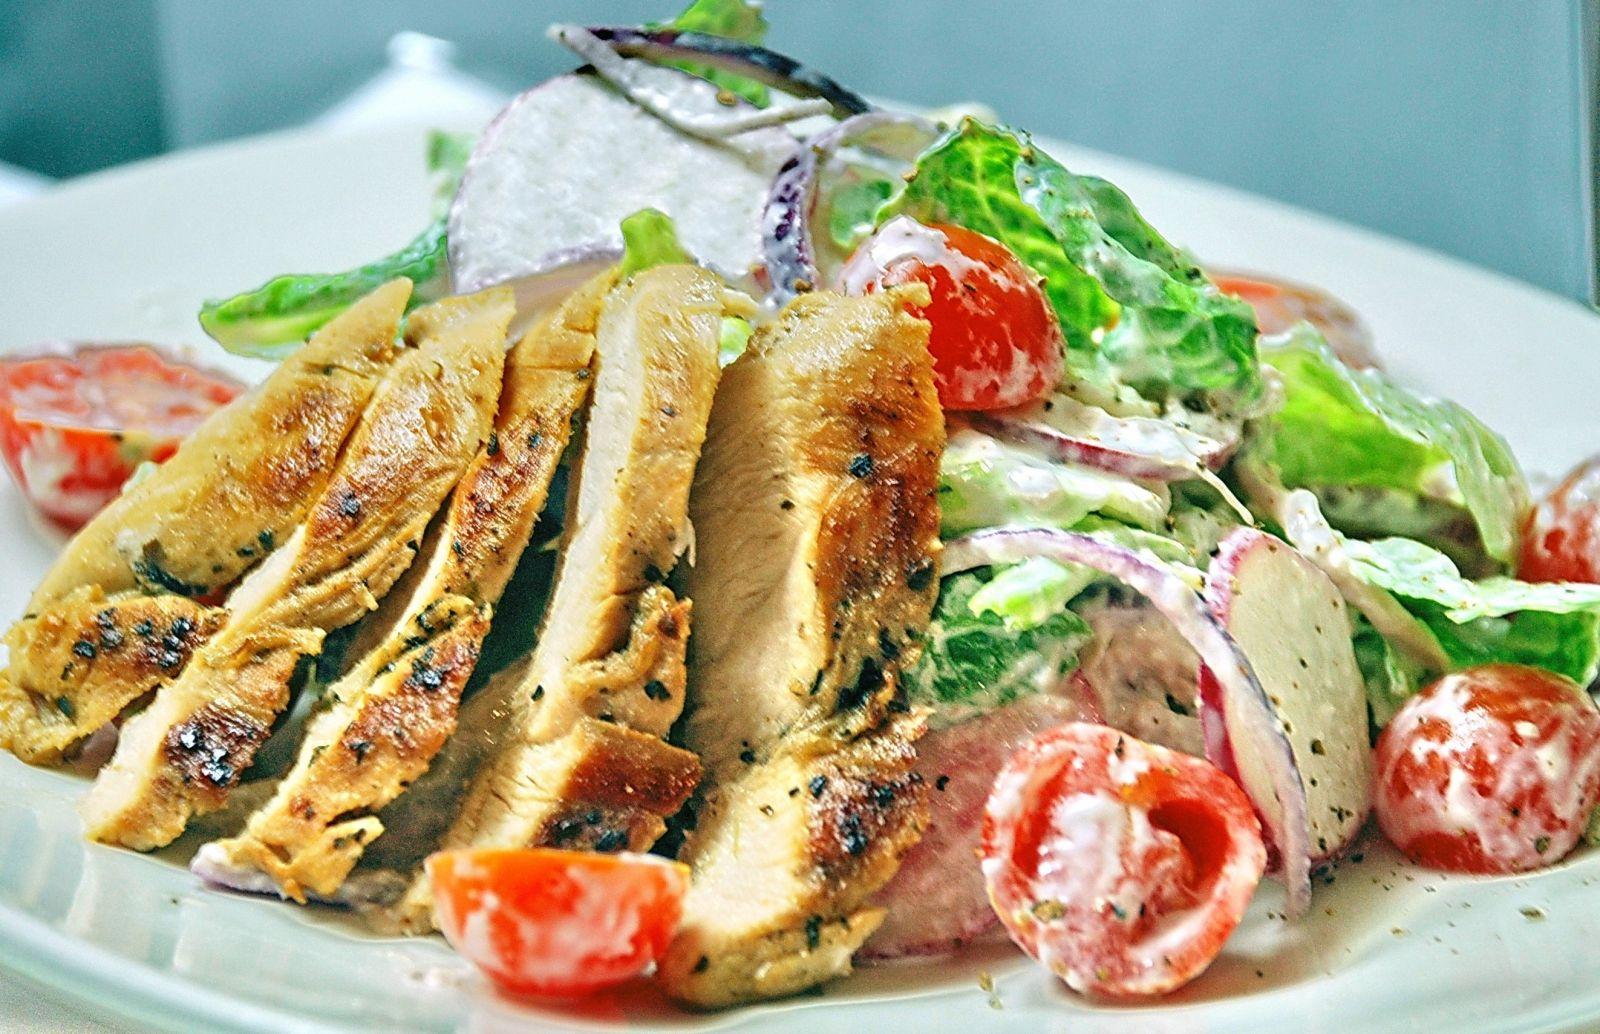 Салат из молодого редиса: рецепты приготовления - фото №4